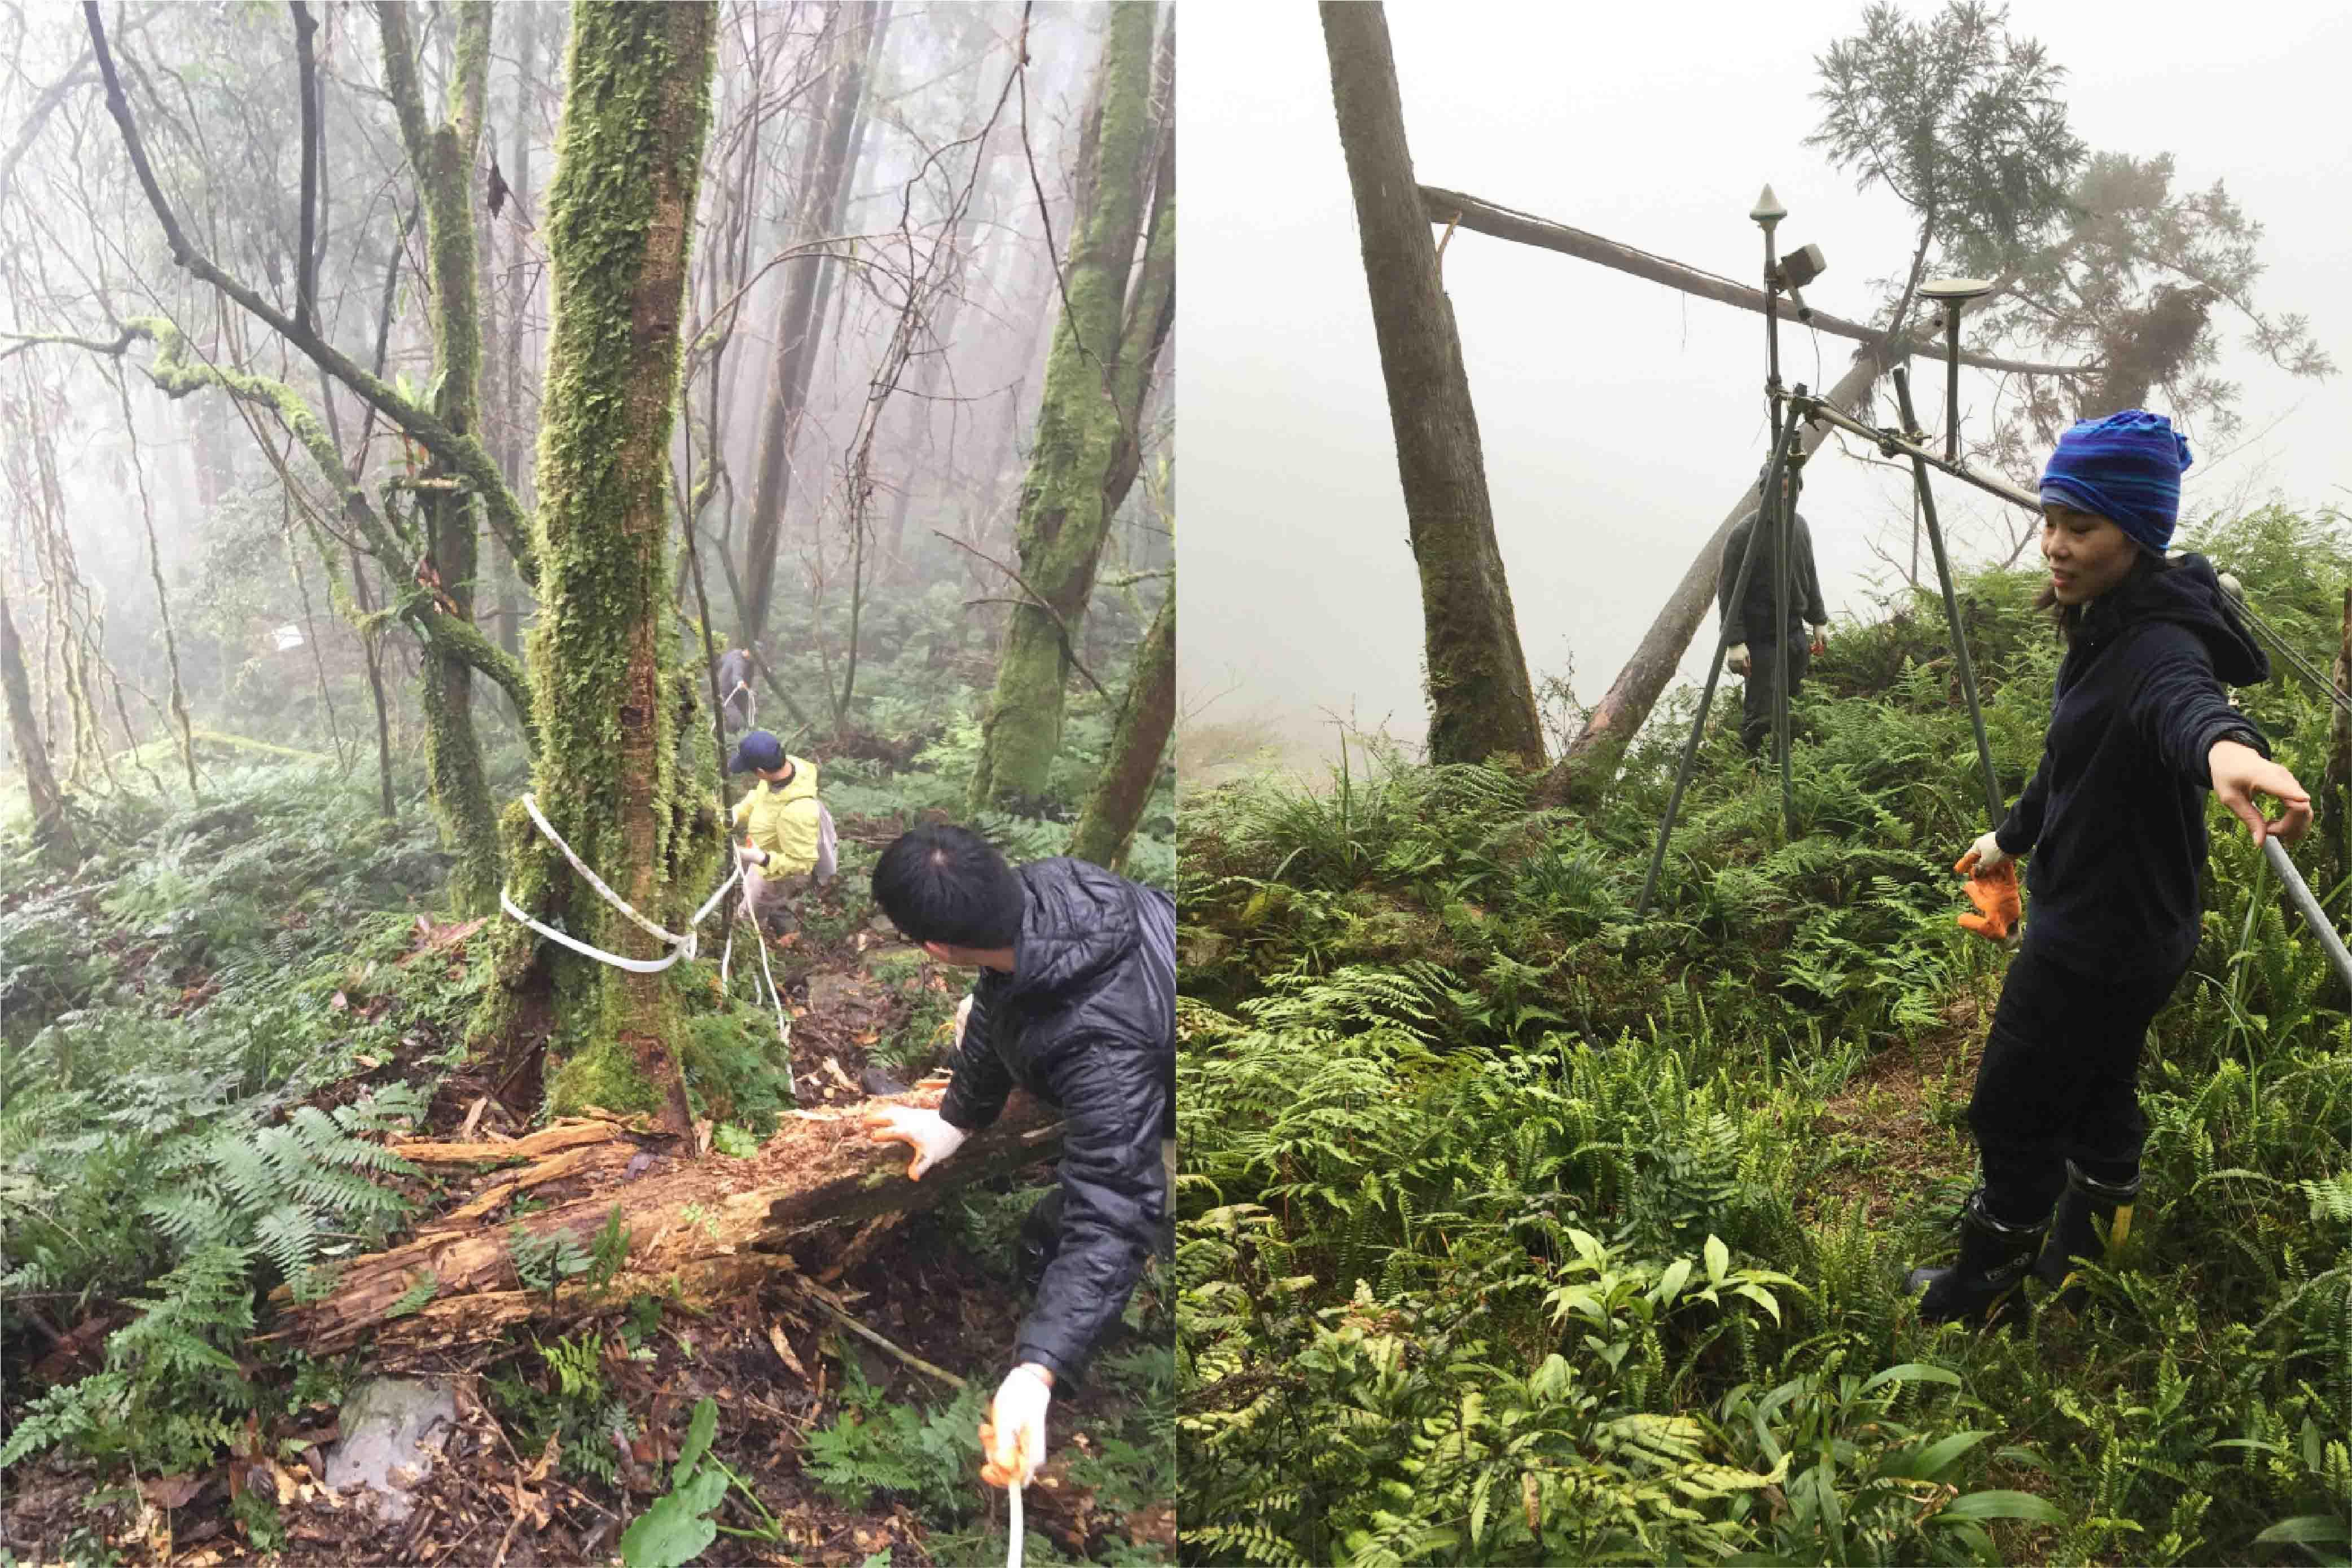 許雅儒與團隊前往宜蘭太平山野外觀測站,進行研究工作。 圖片來源│許雅儒提供